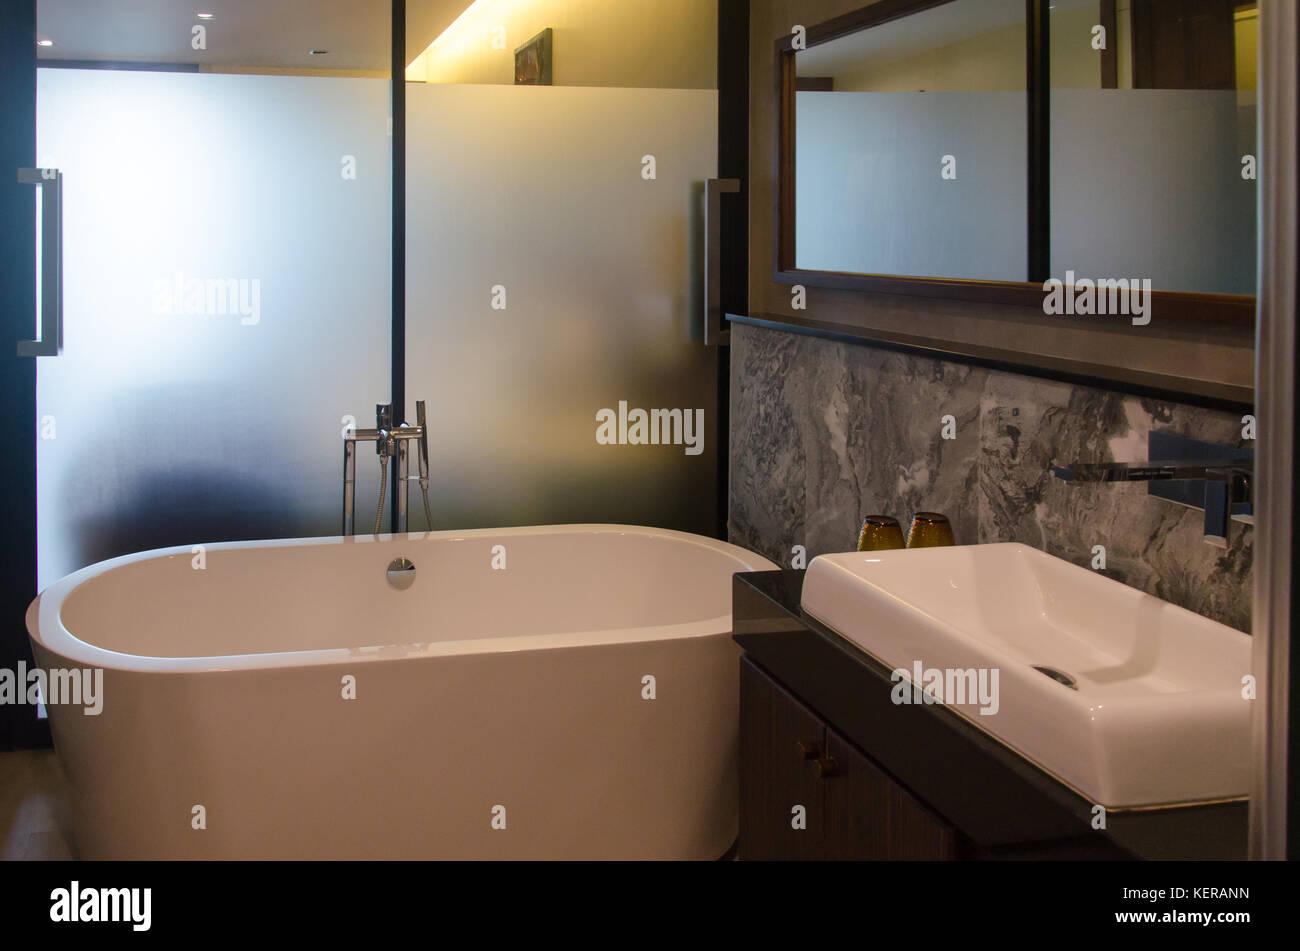 Vasca Da Bagno Con Lavandino : Moderno bagno interno con vasca da bagno e lavandino foto & immagine